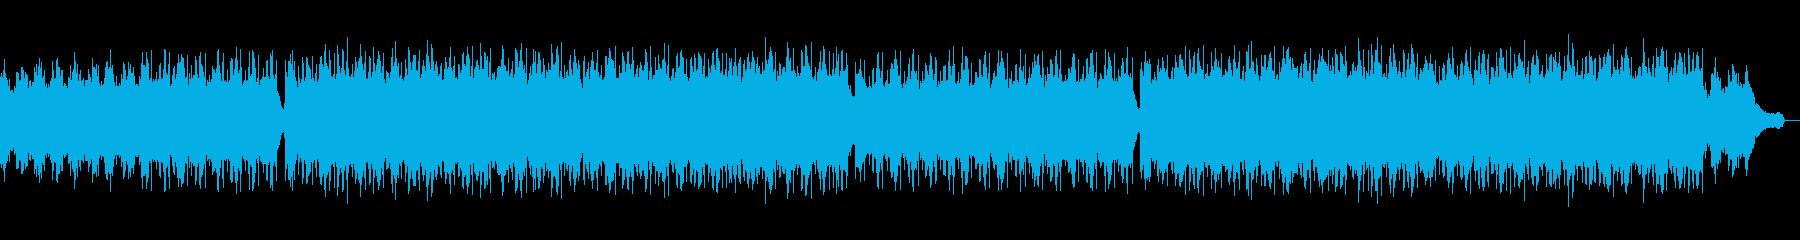 企業VP183、ピアノ、アコギ、爽やかLの再生済みの波形